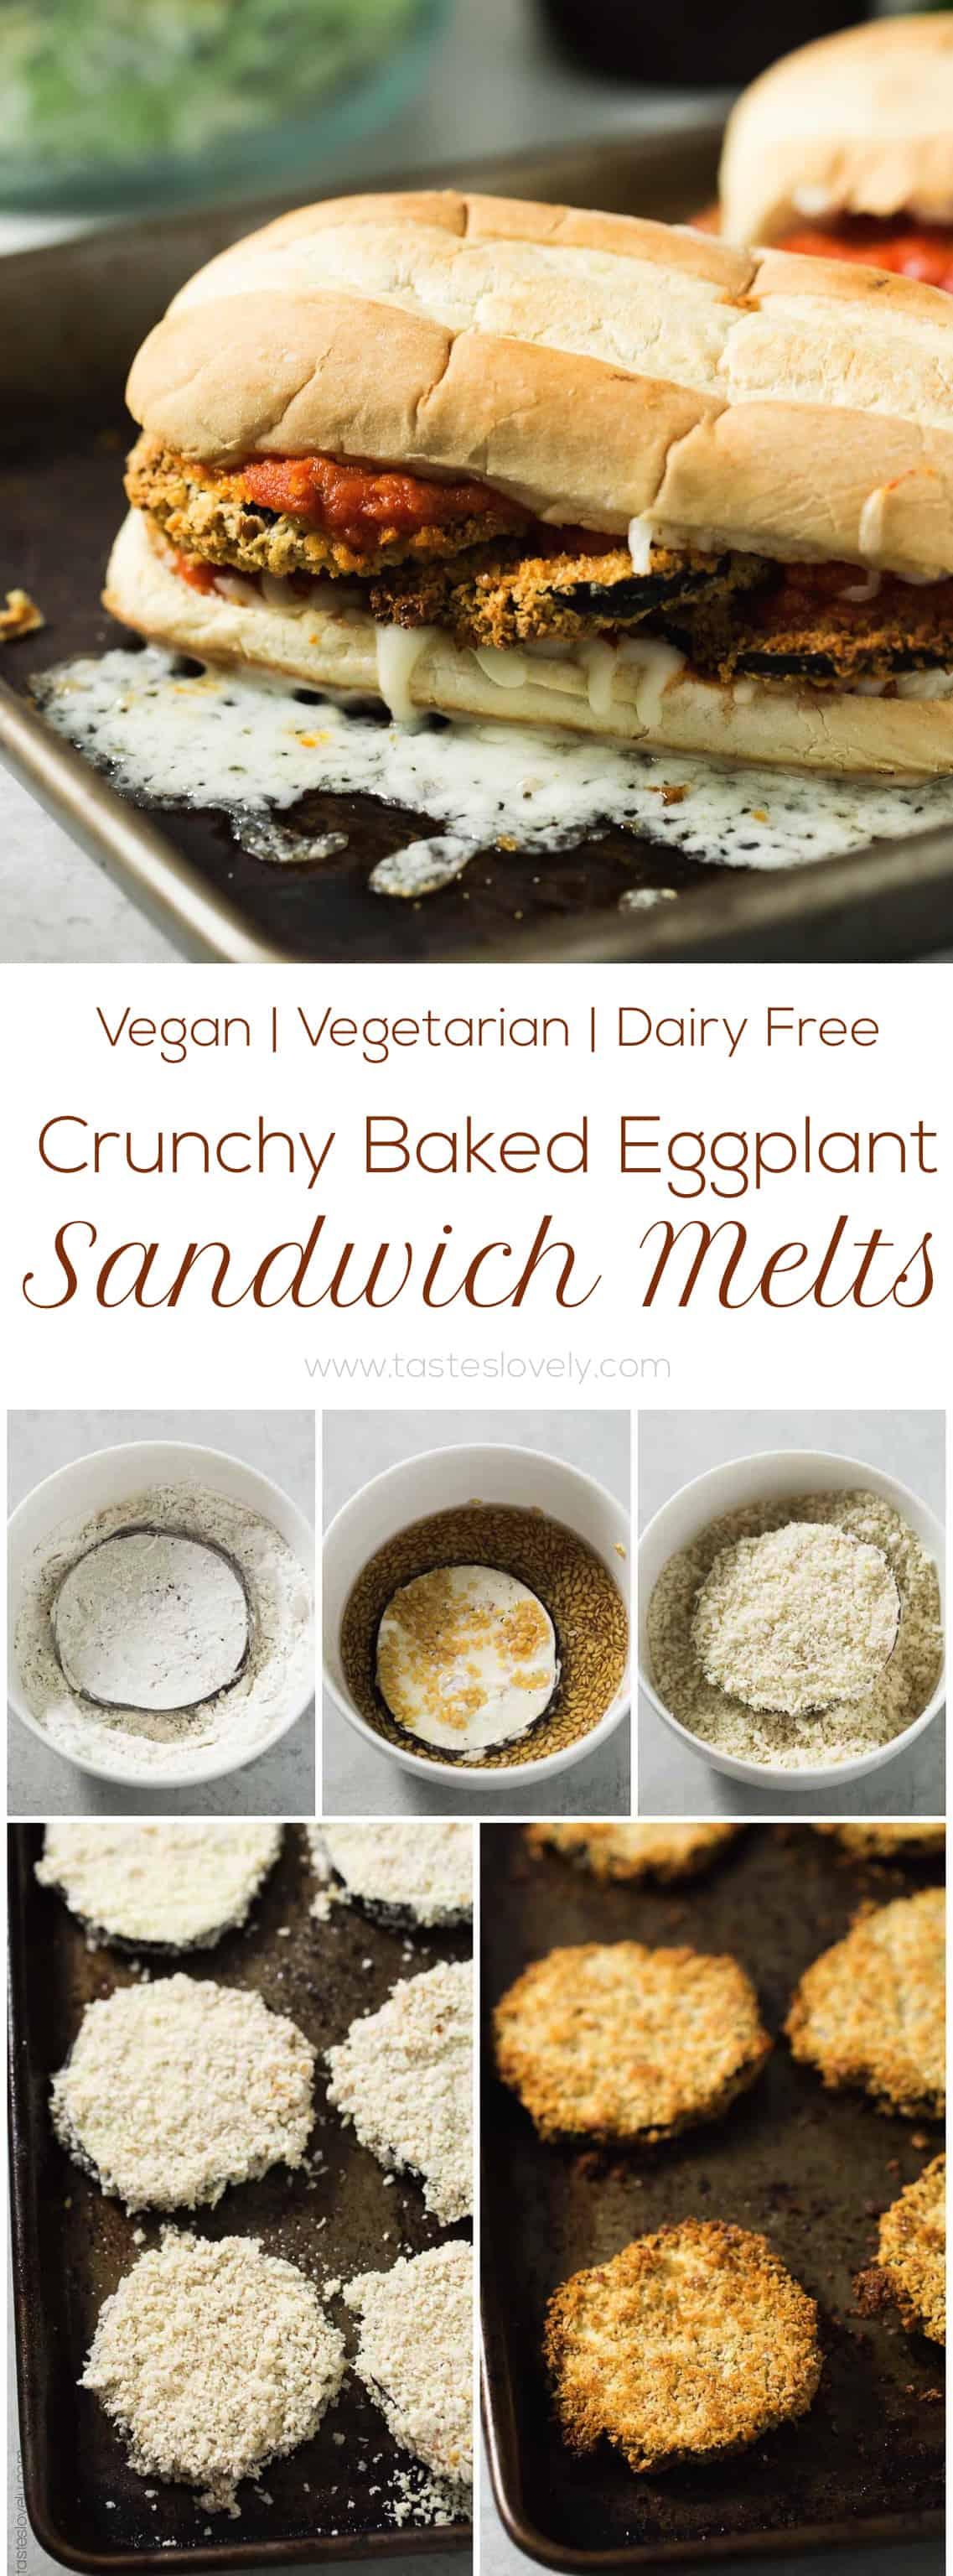 Vegan Crunchy Baked Eggplant Sandwich Melts